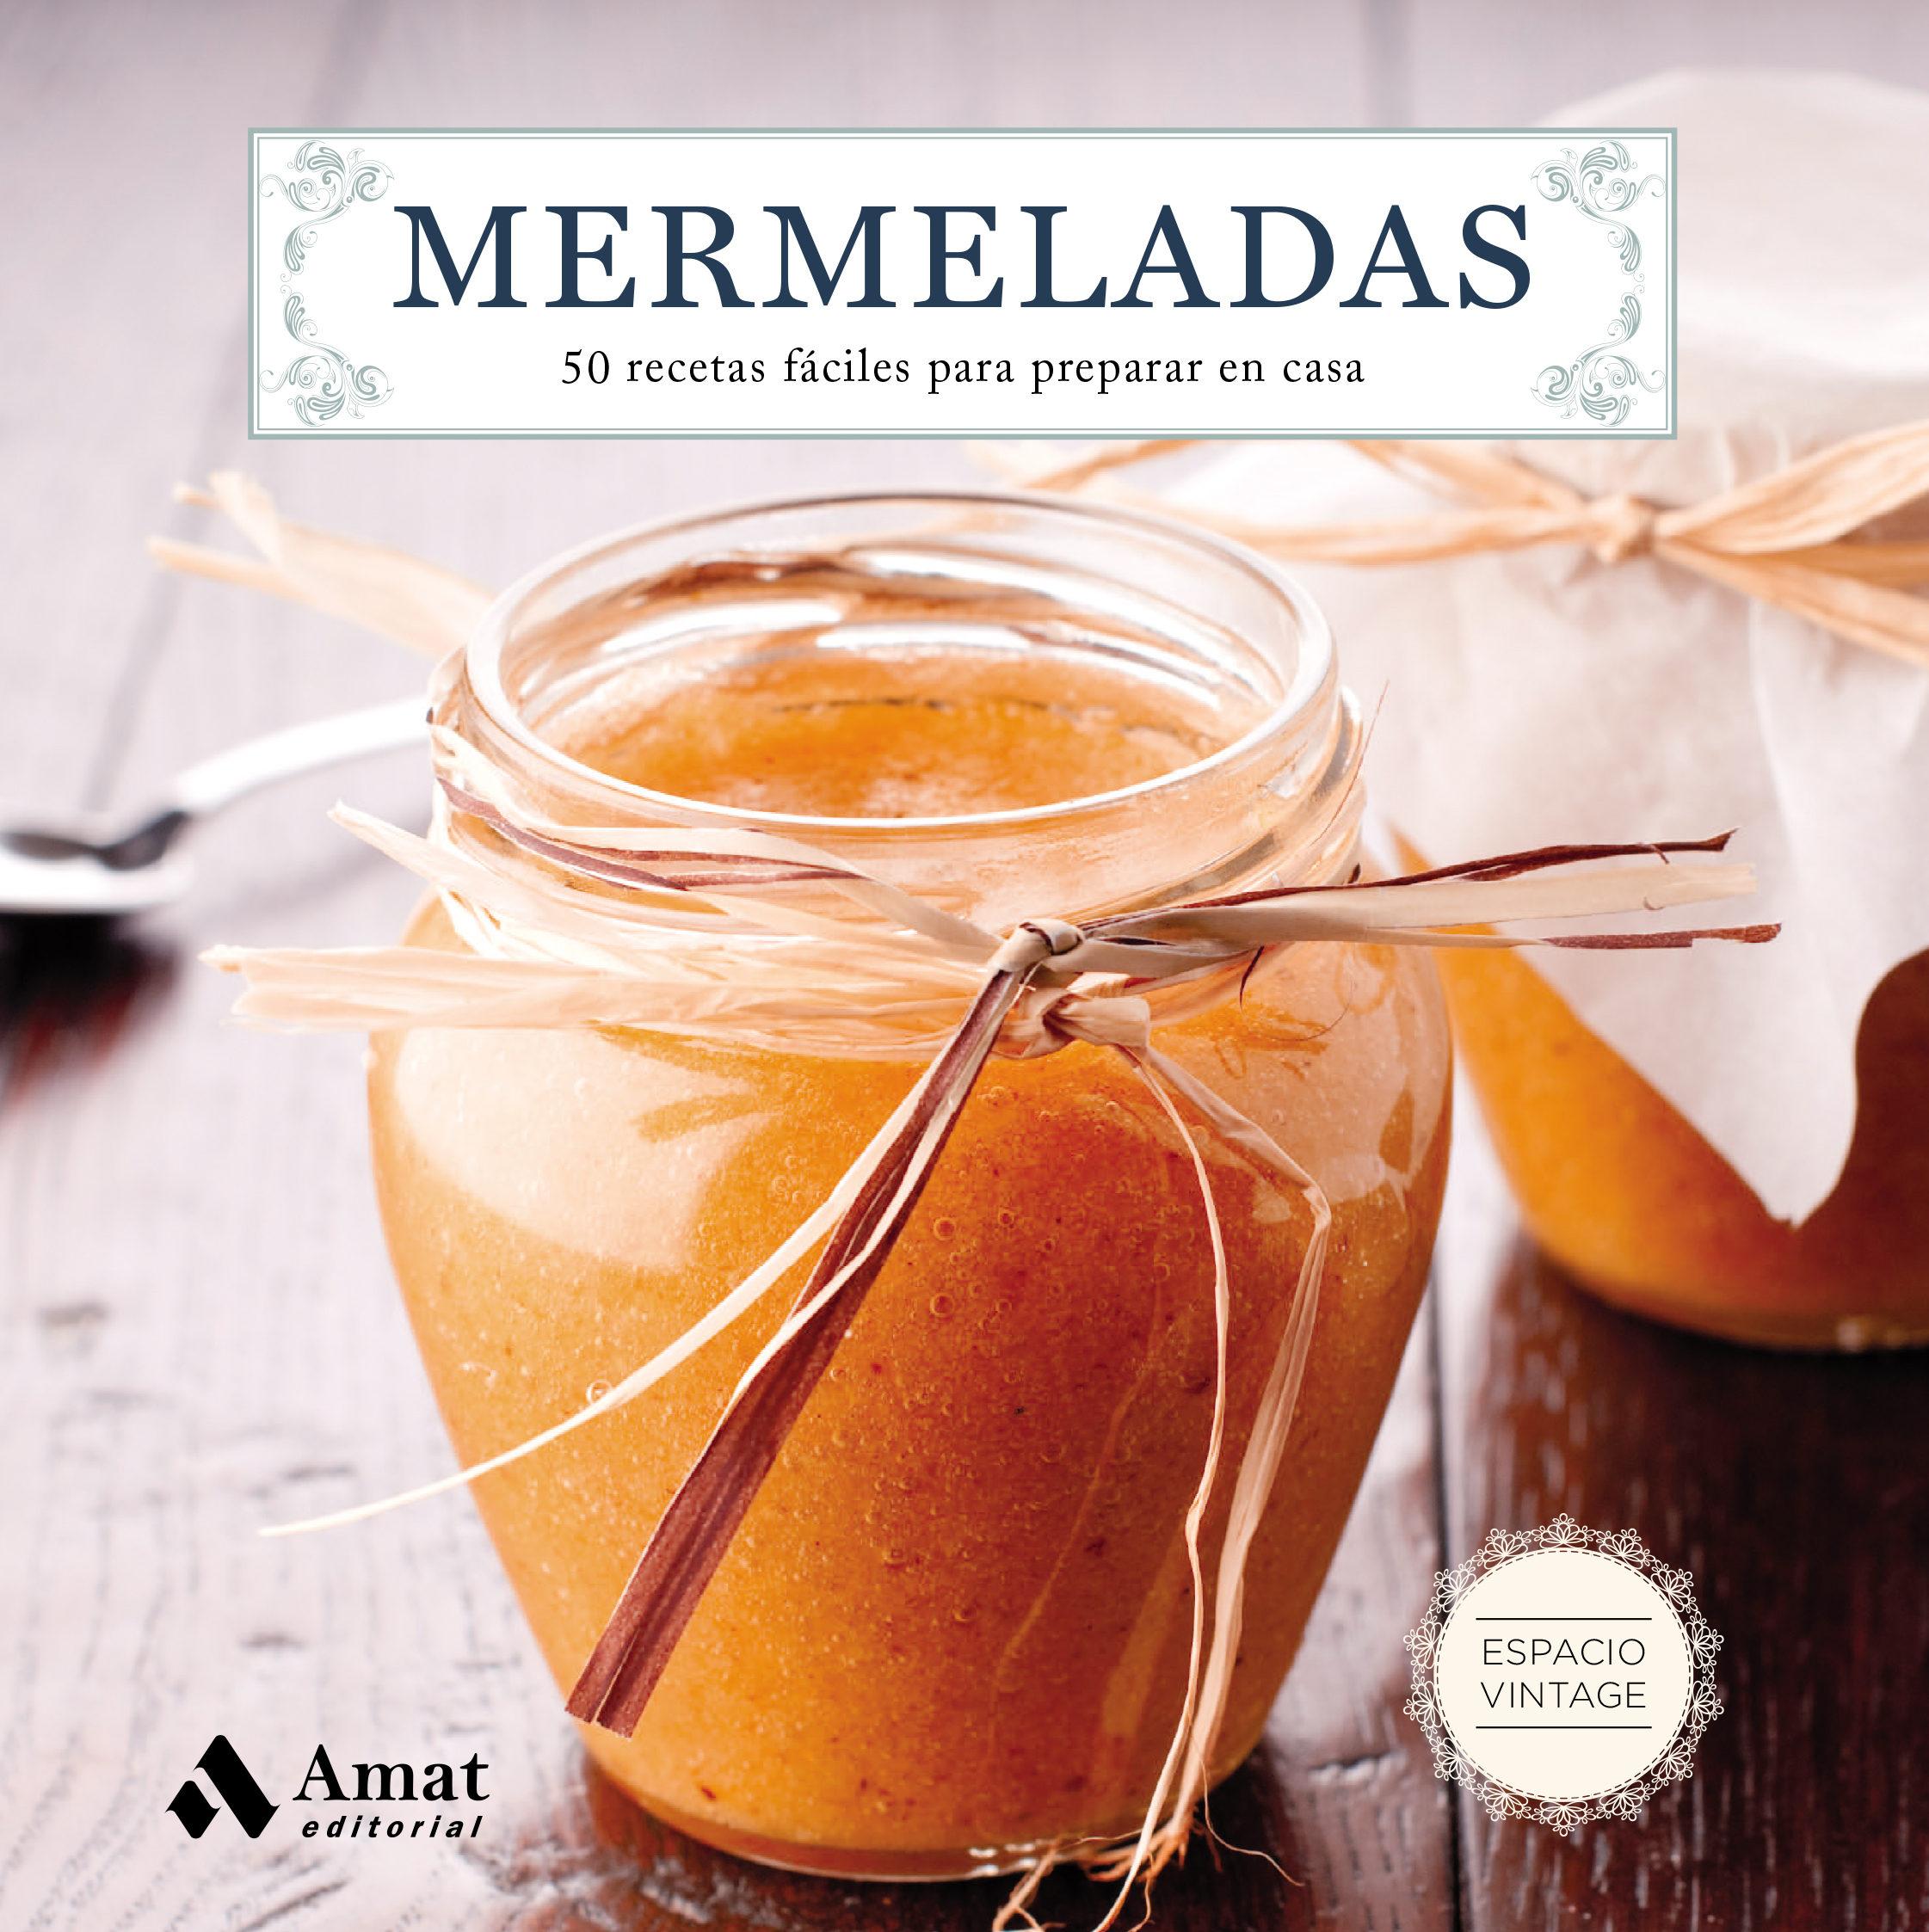 mermeladas recetas faciles para preparar en casa